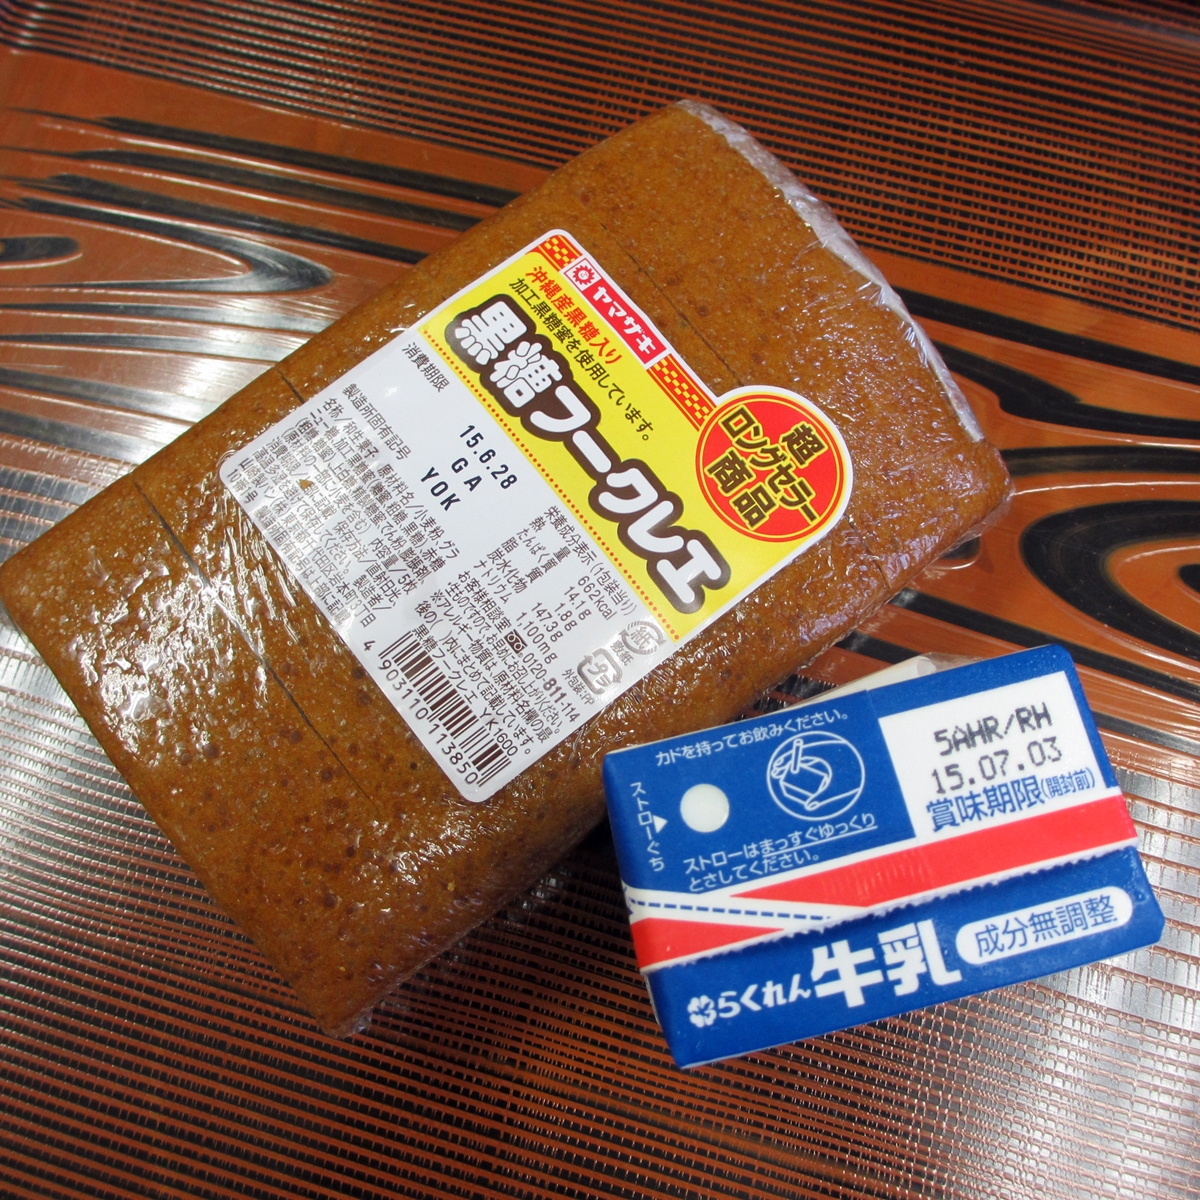 ヤマザキ黒糖フークレエ (2)